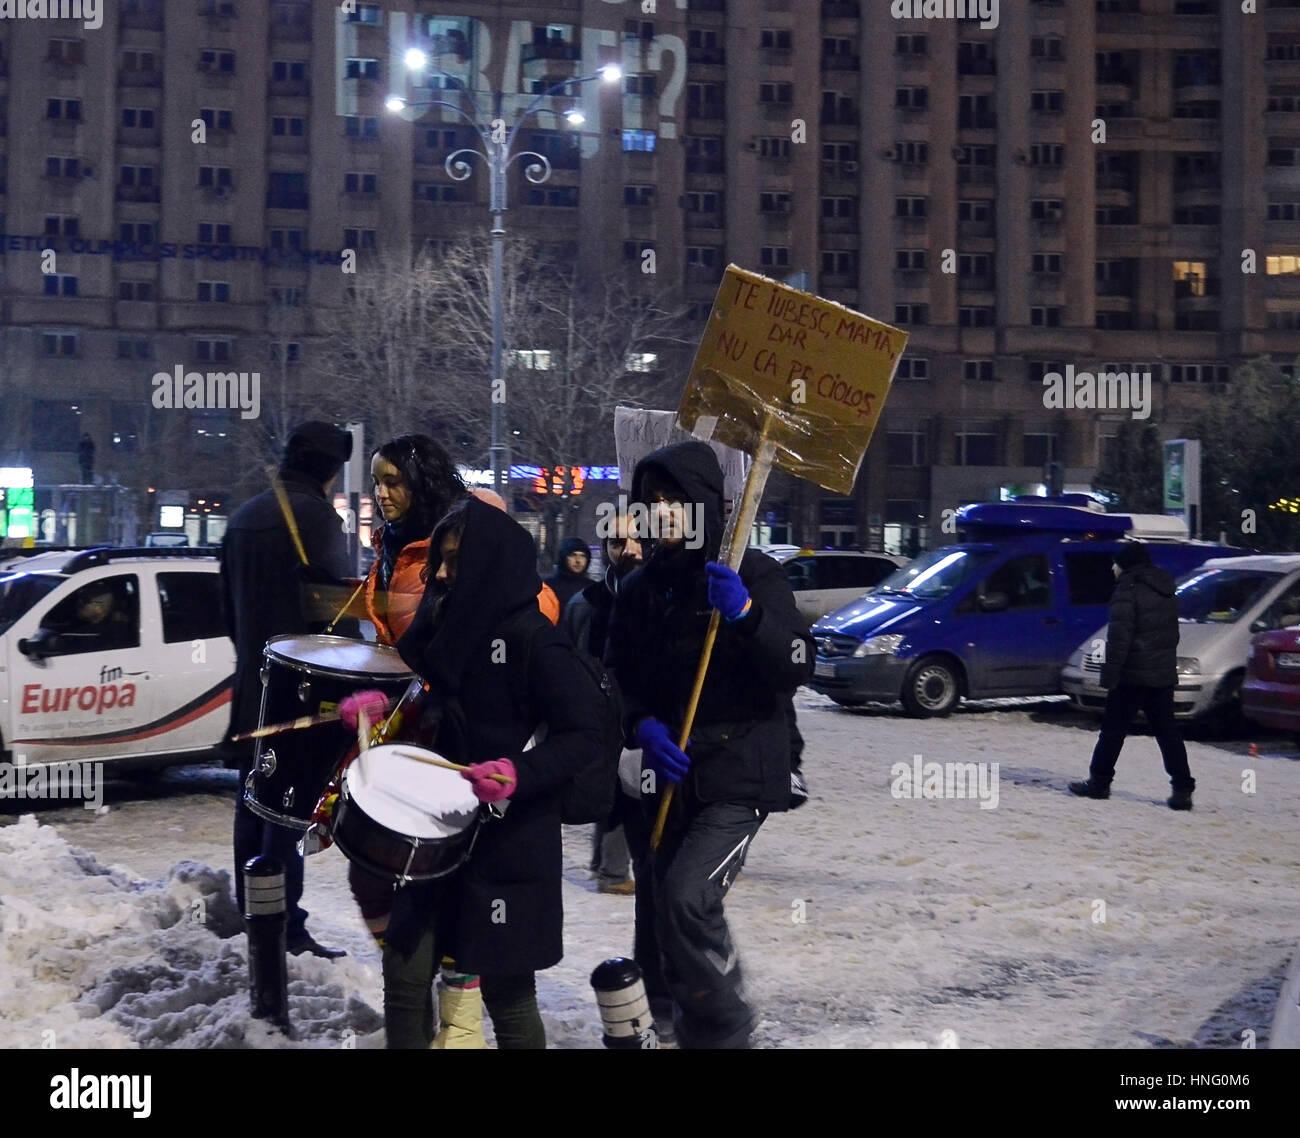 Bucharest, Romania. 12th February 2017. Despite temperatures of -7C, 70,000 protesters in Piata Victoriei (Victory - Stock Image